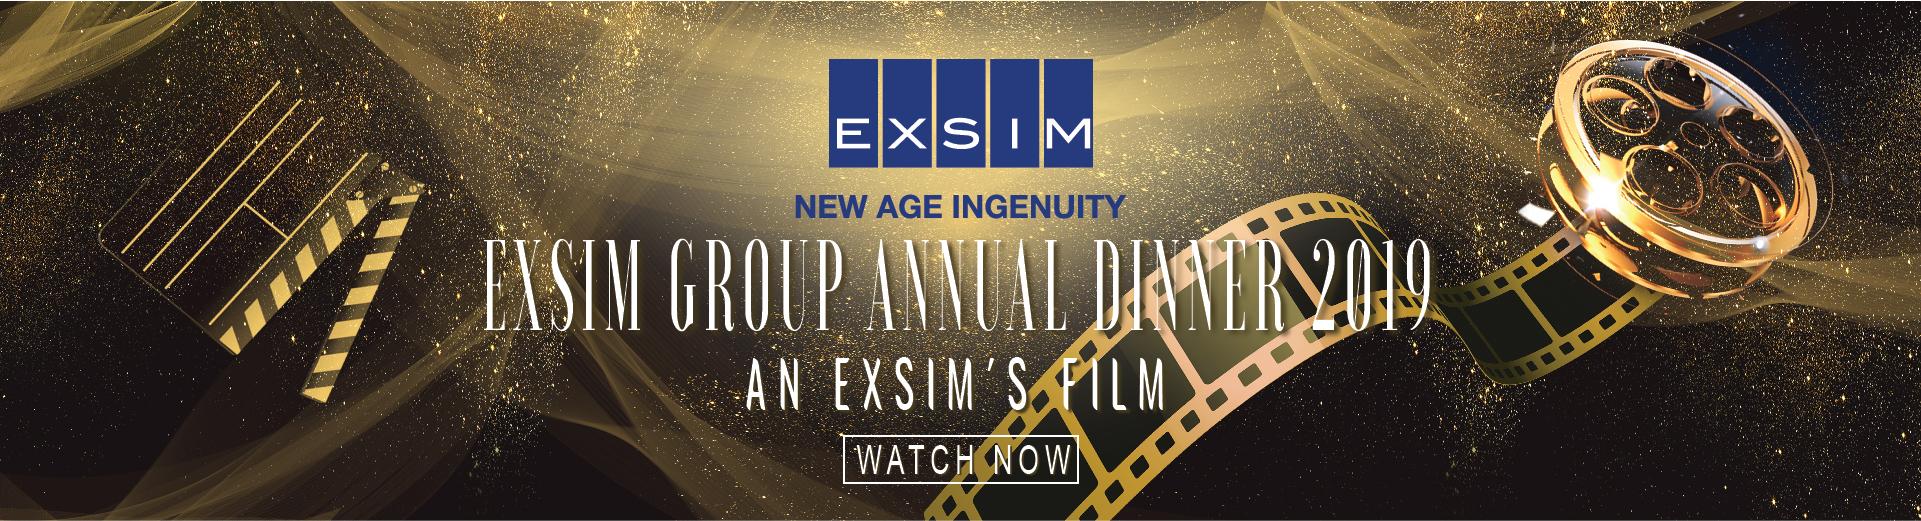 EXSIM-Annual-Dinner-Web-Banner-2019-V2-01